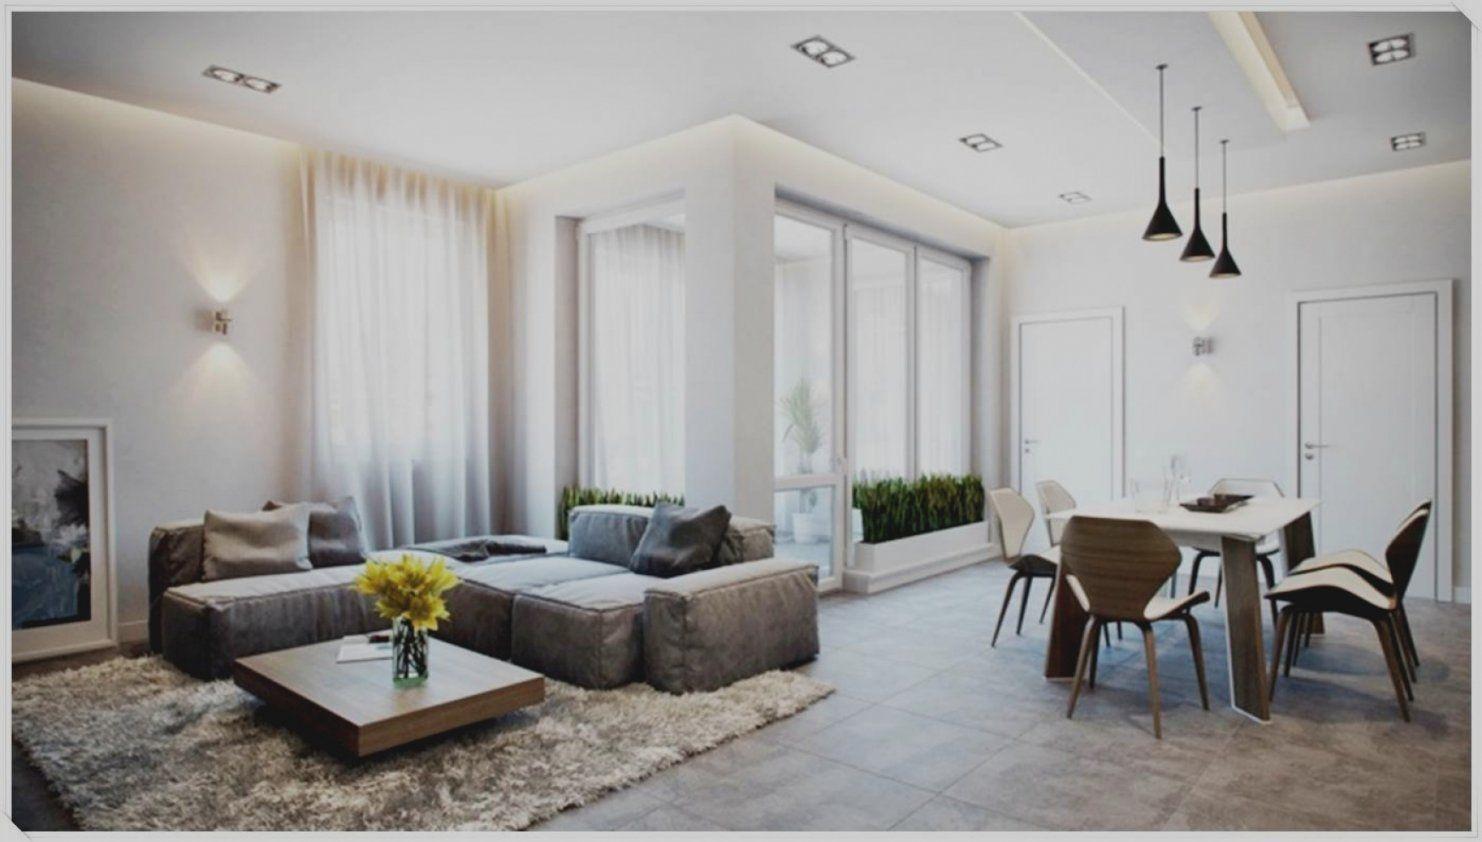 Bilder Esstisch Fur Kleines Wohnzimmer Wohnideen Für Kleine Schön von Esstisch Für Kleines Wohnzimmer Photo